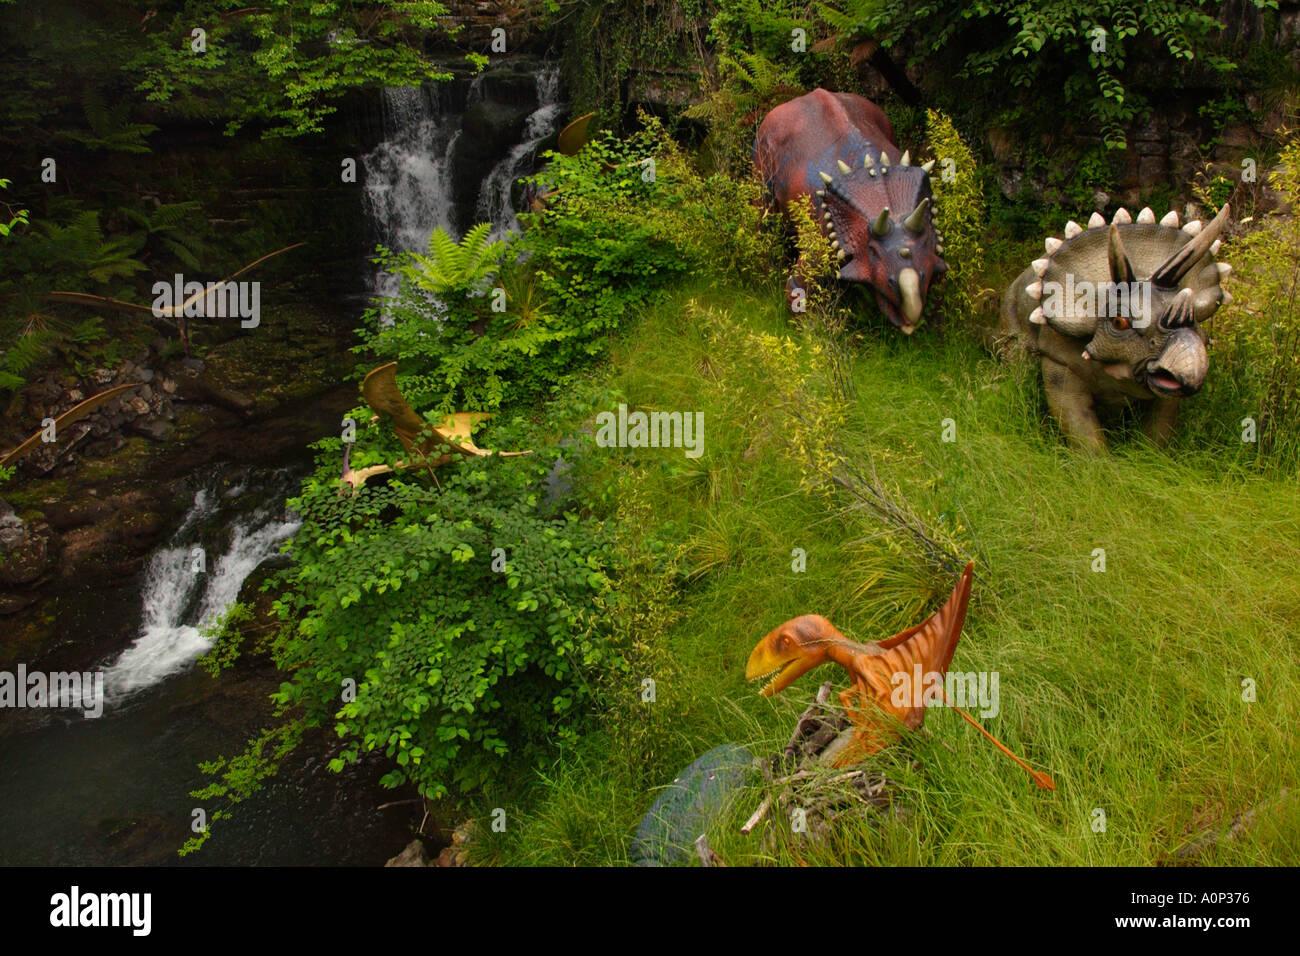 Sélection de dinosaures dans les mondes plus grand parc de dinosaures à Dan yr Ogof dans le parc national de Brecon Beacons Powys Pays de Galles UK Banque D'Images